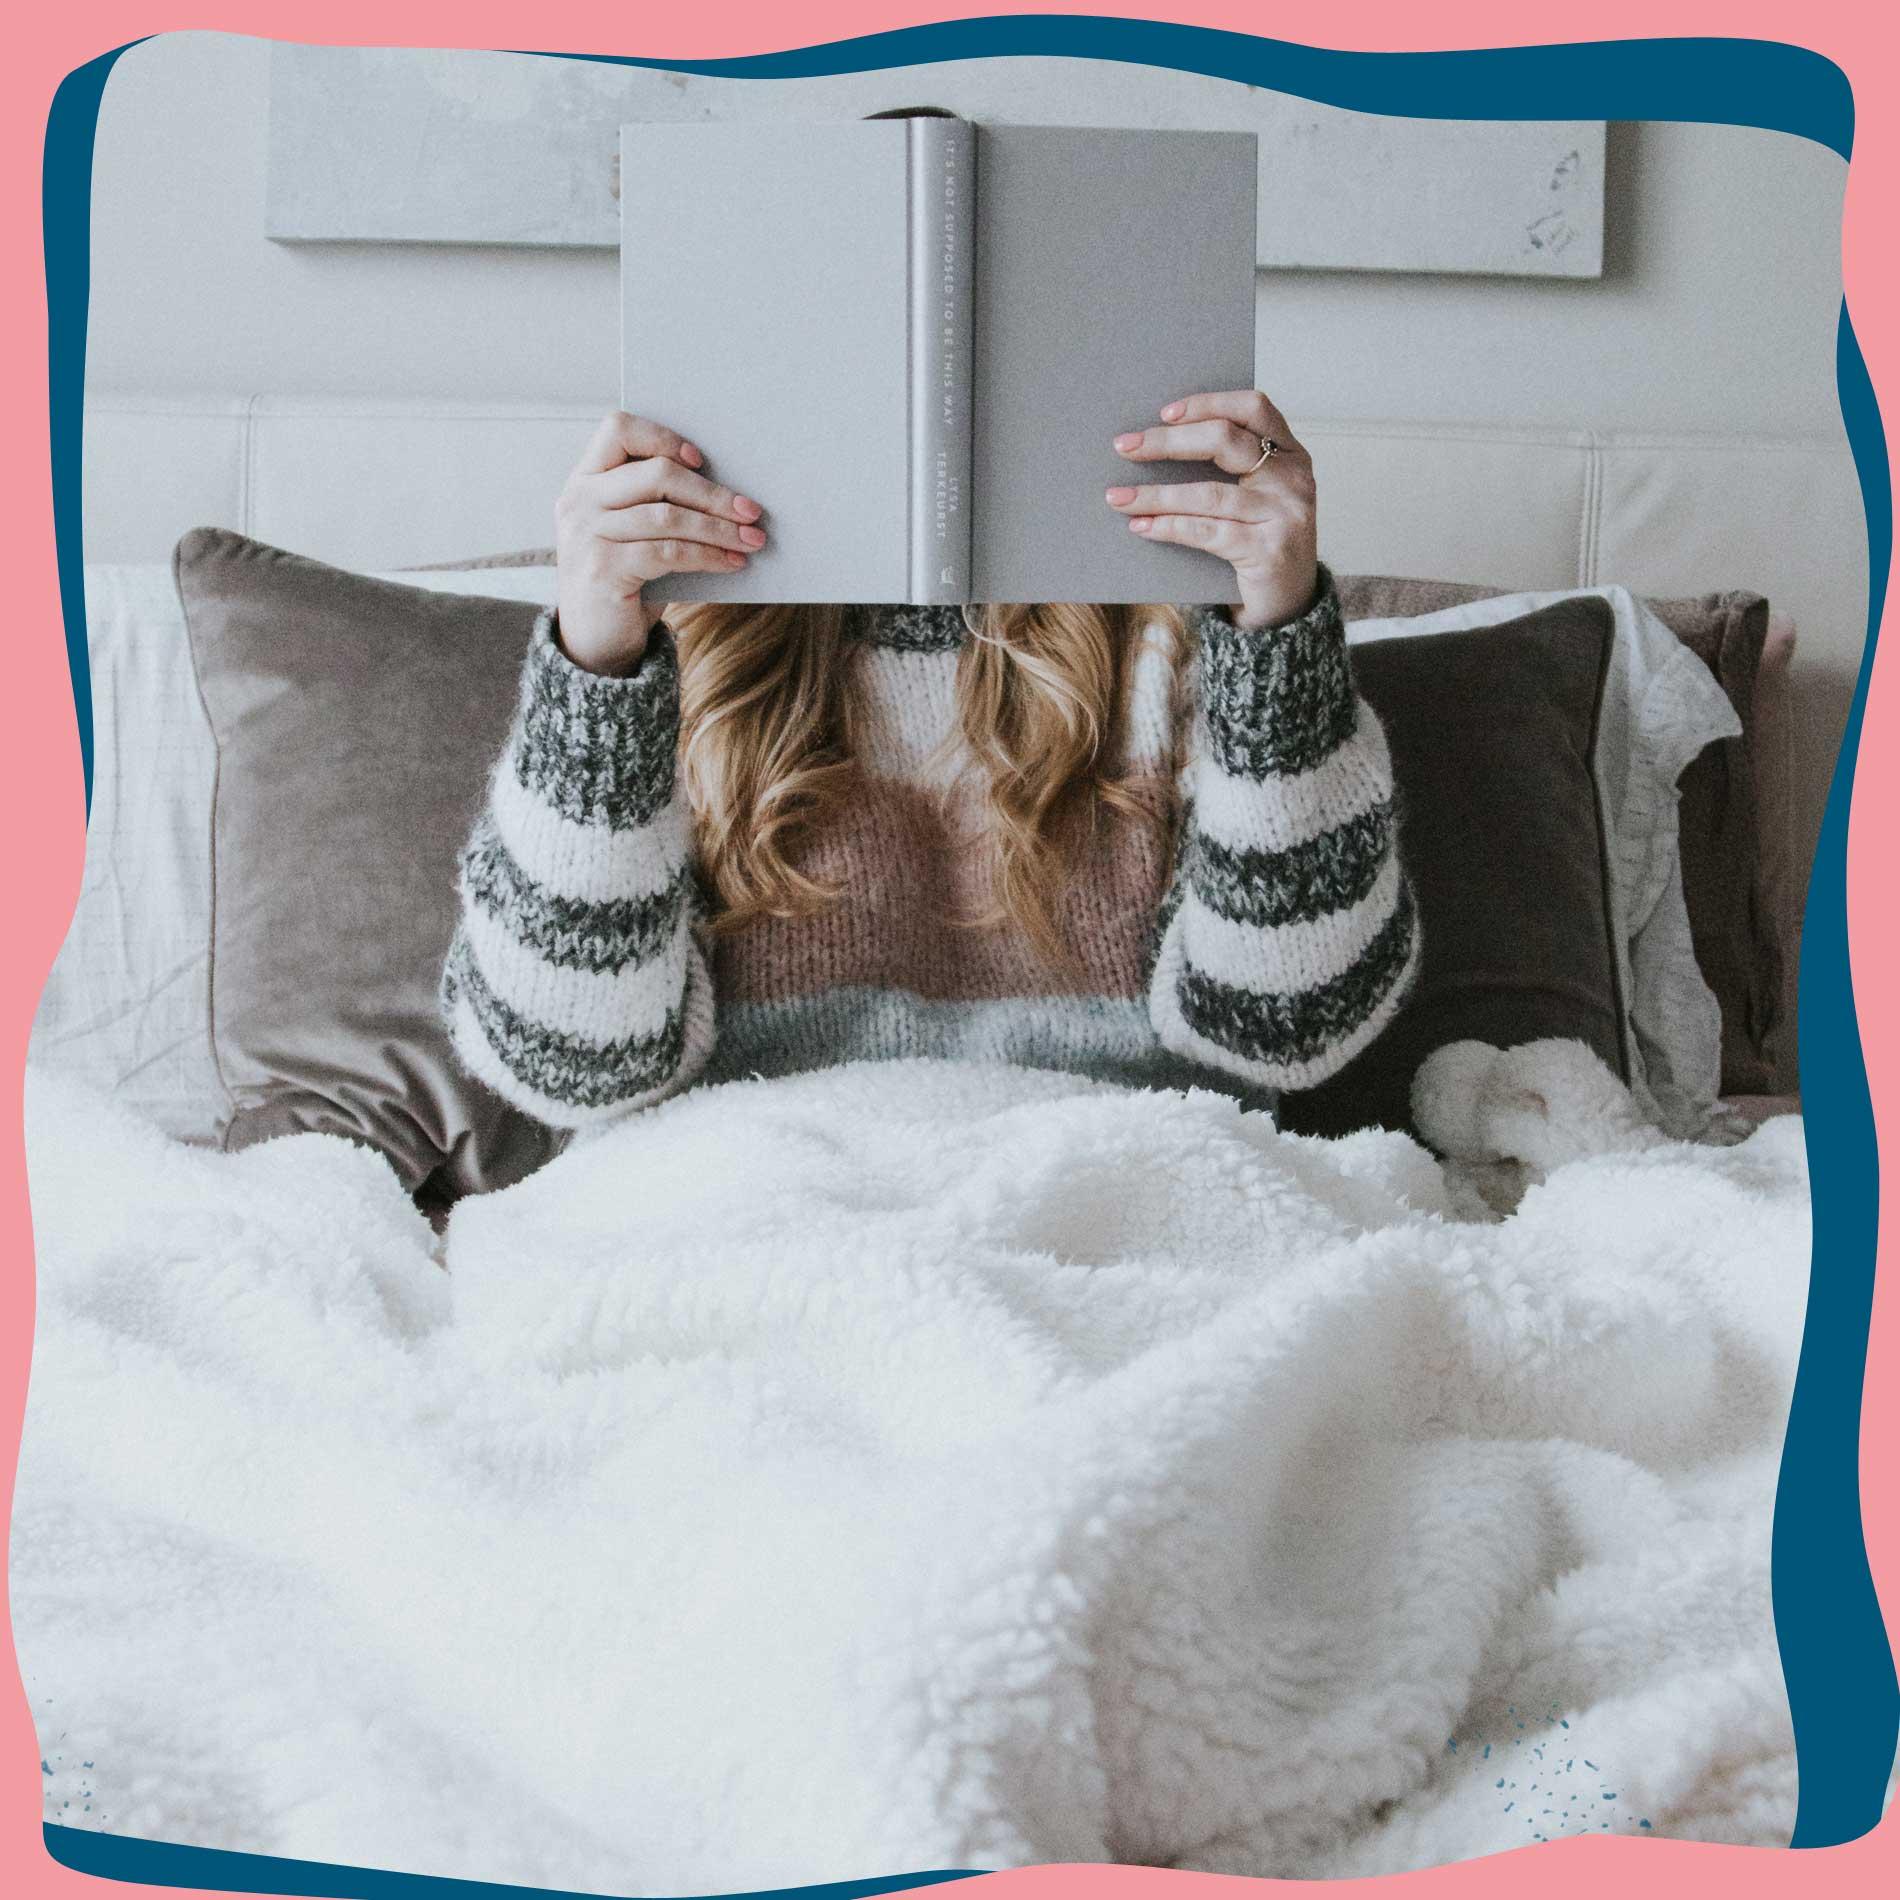 kuschlige Decken, Interior Shopping, Interior, Home & Interior, Wohnideen, Inspiration für zu Hause, tolle Decken, Tagesdecke, Bettdecke, Gemütlichkeit, Wohlbefinden zu Hause